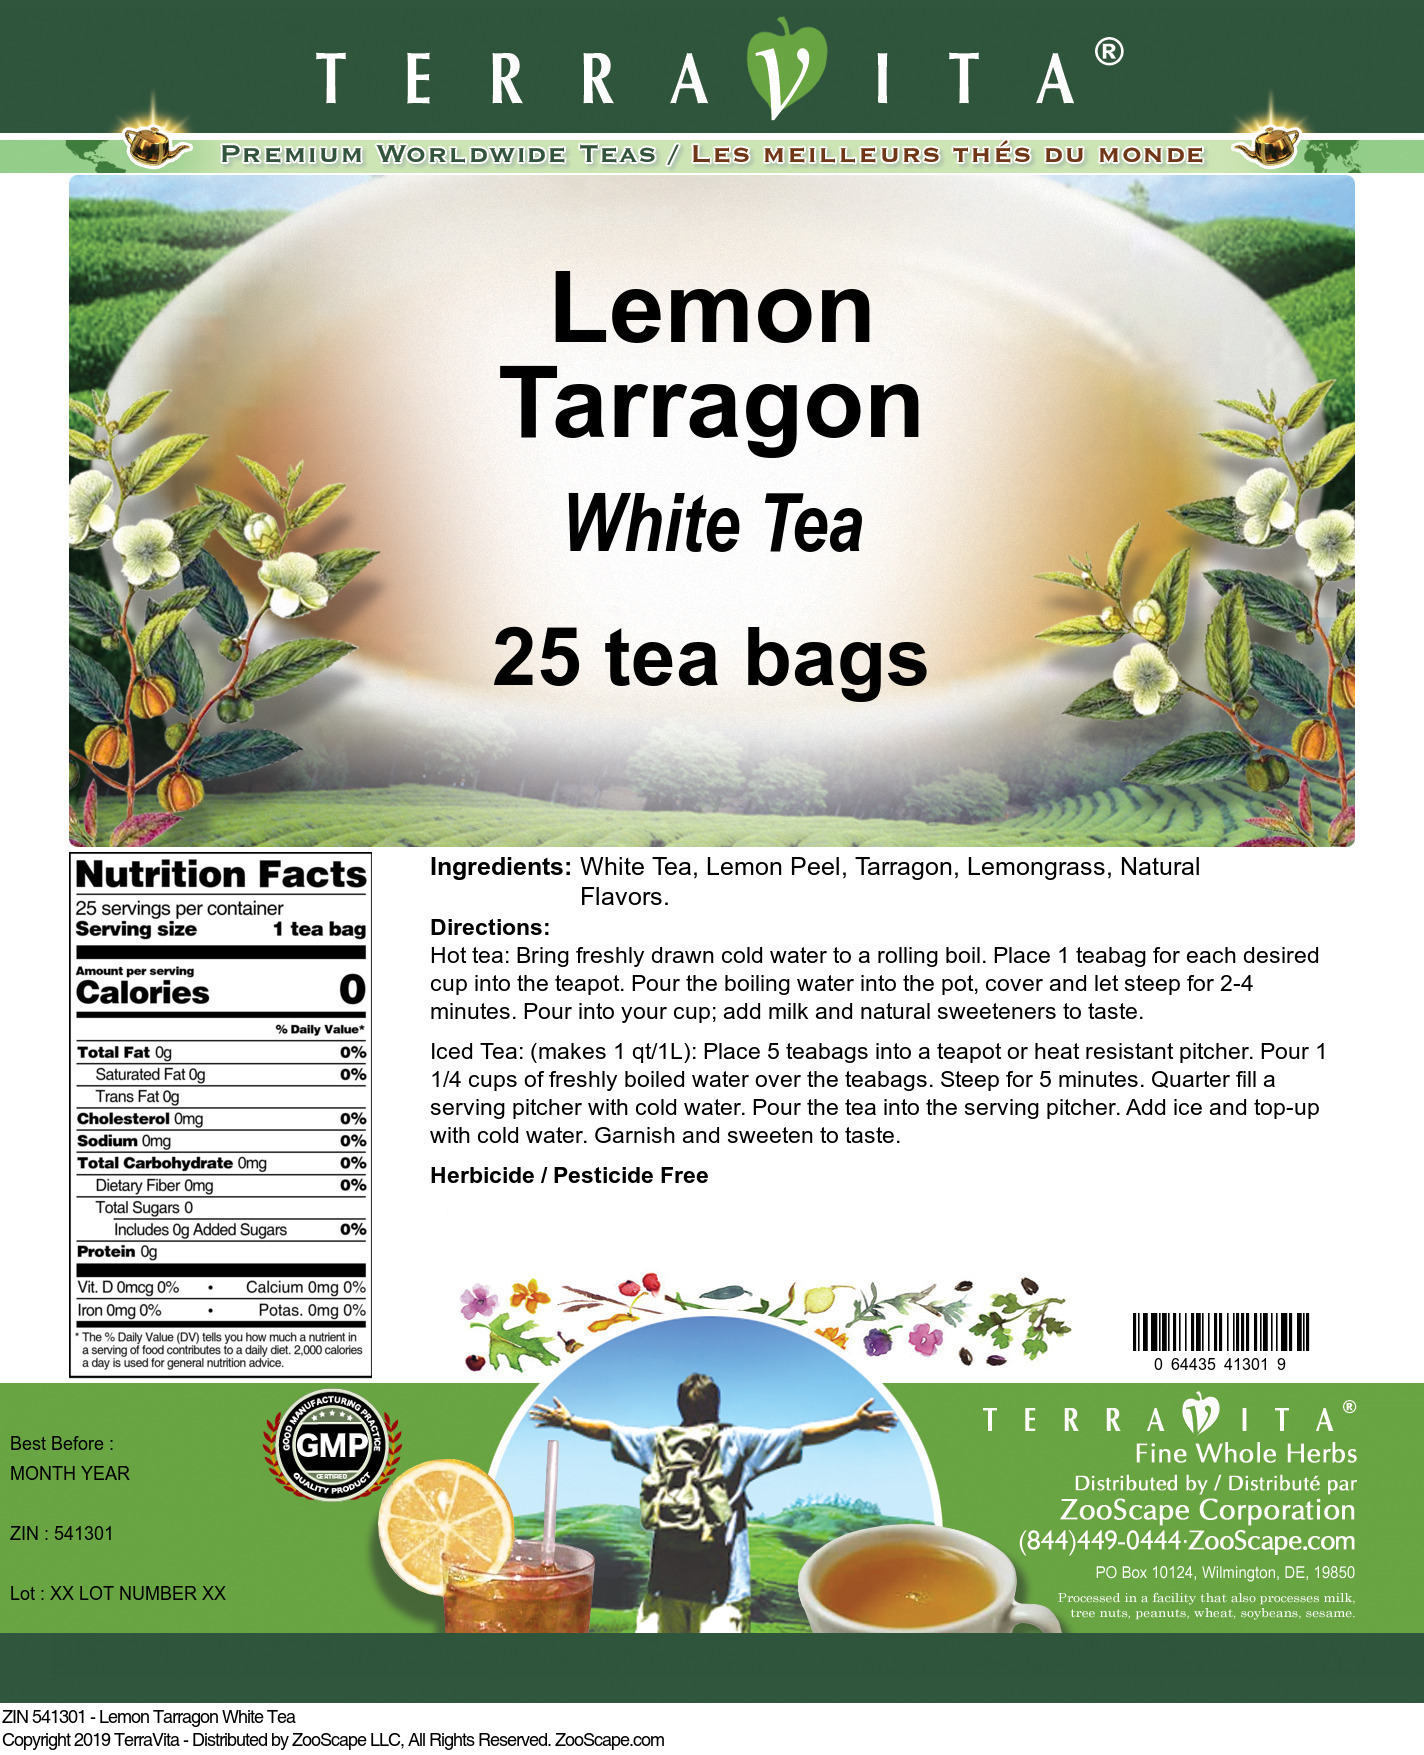 Lemon Tarragon White Tea